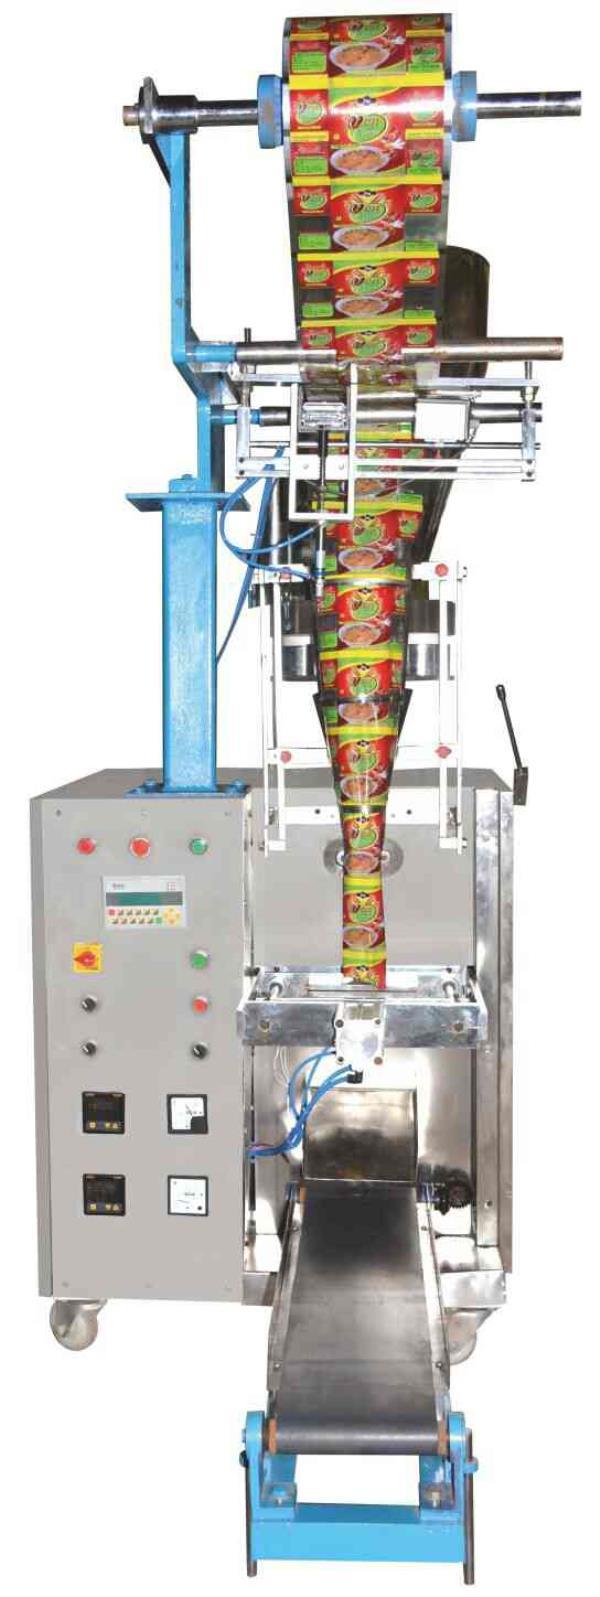 Detergent Packaging Machine Manufacturer in Kolkata